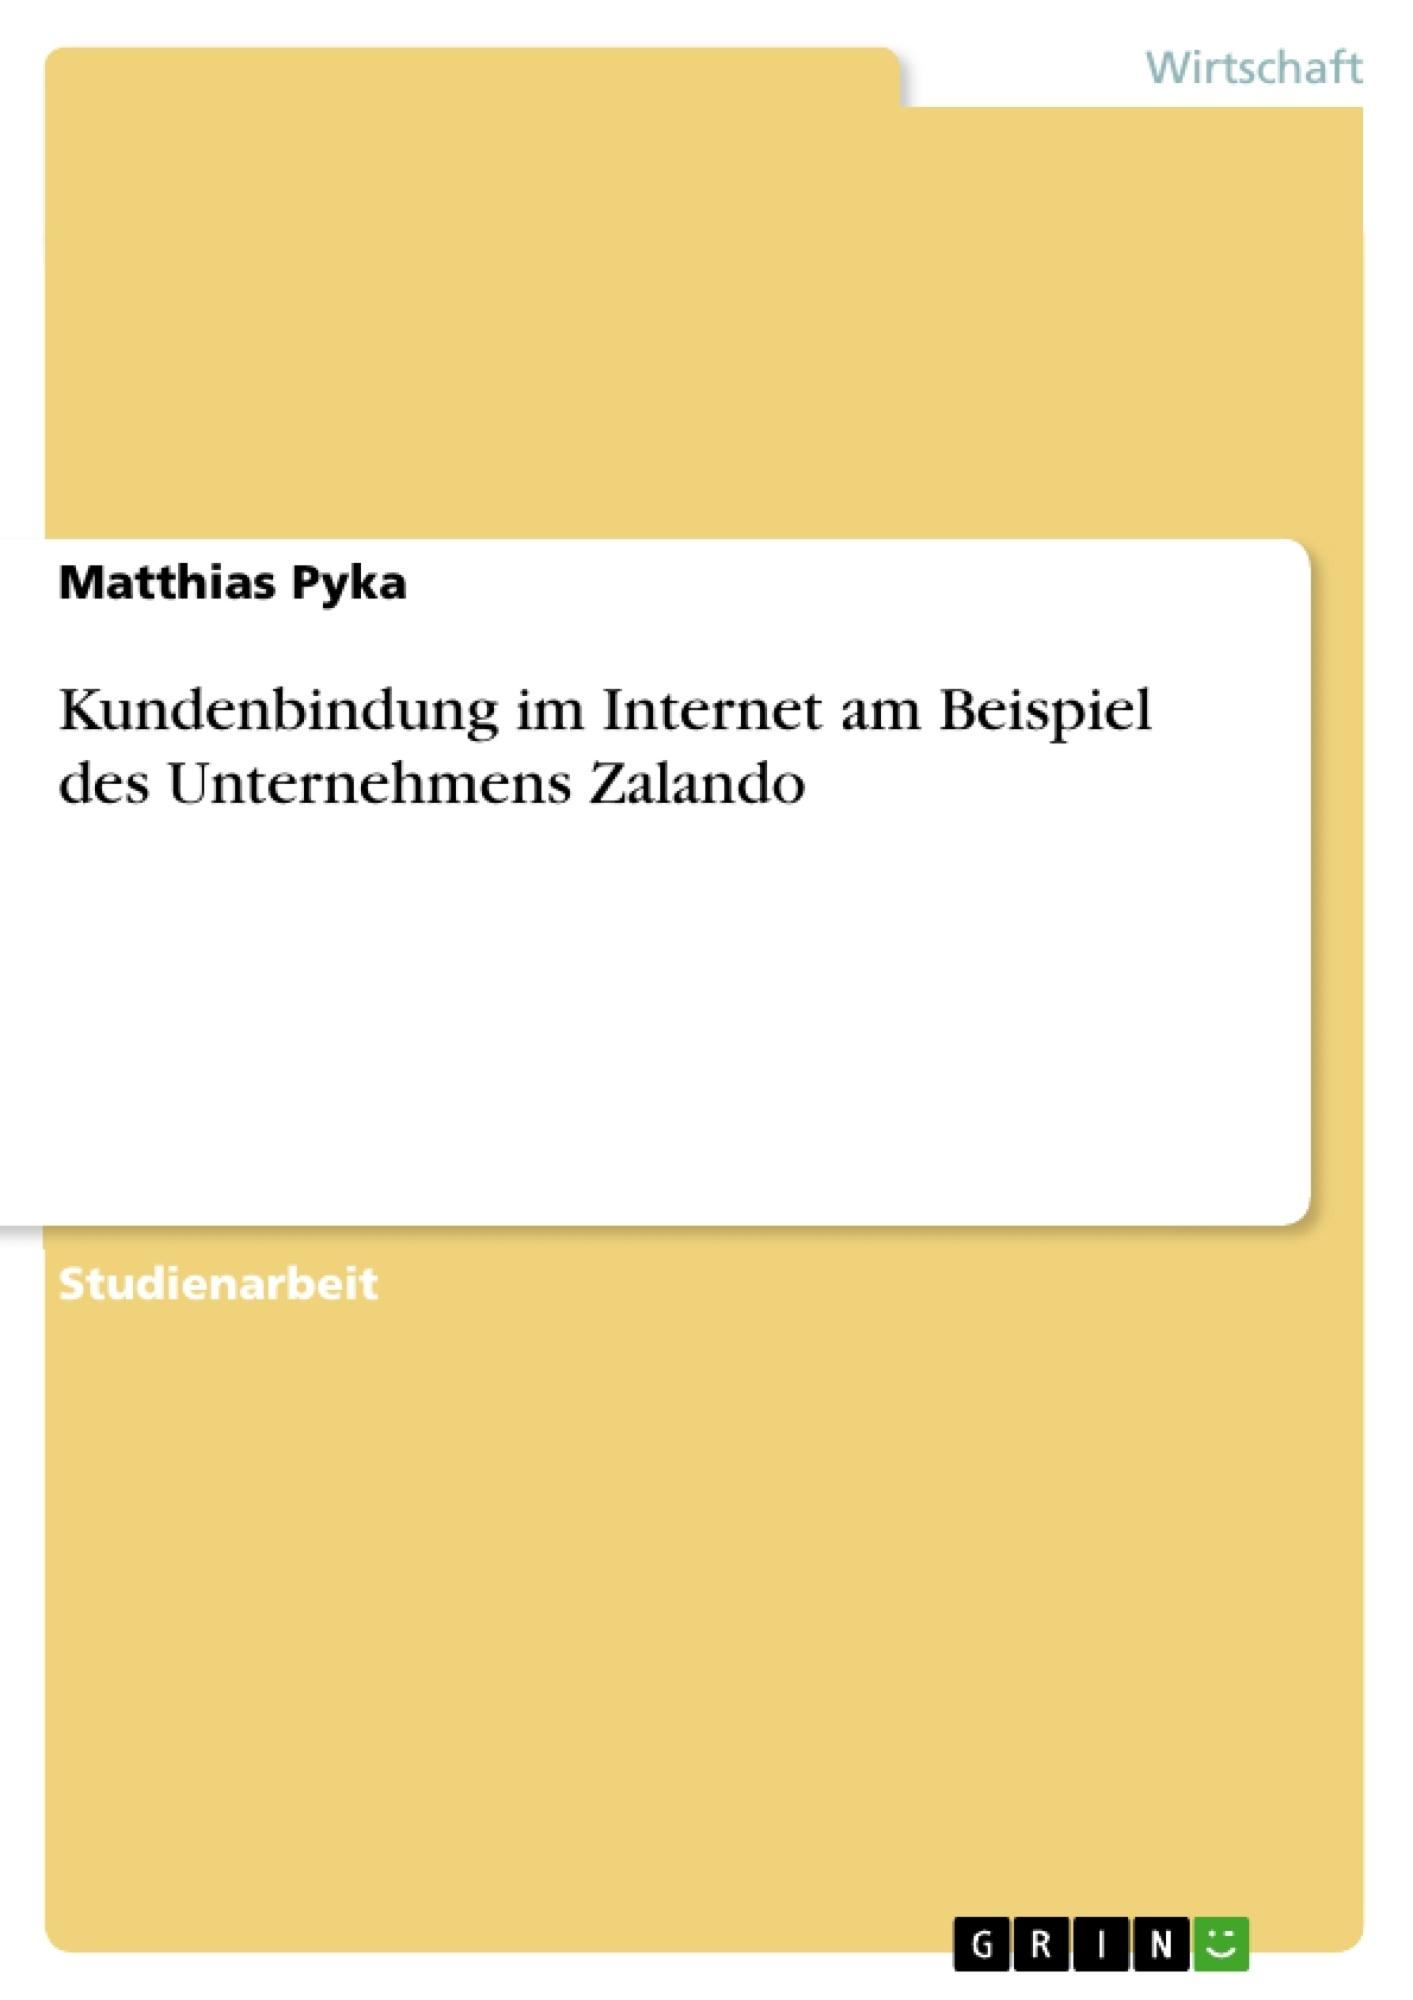 Titel: Kundenbindung im Internet am Beispiel des Unternehmens Zalando